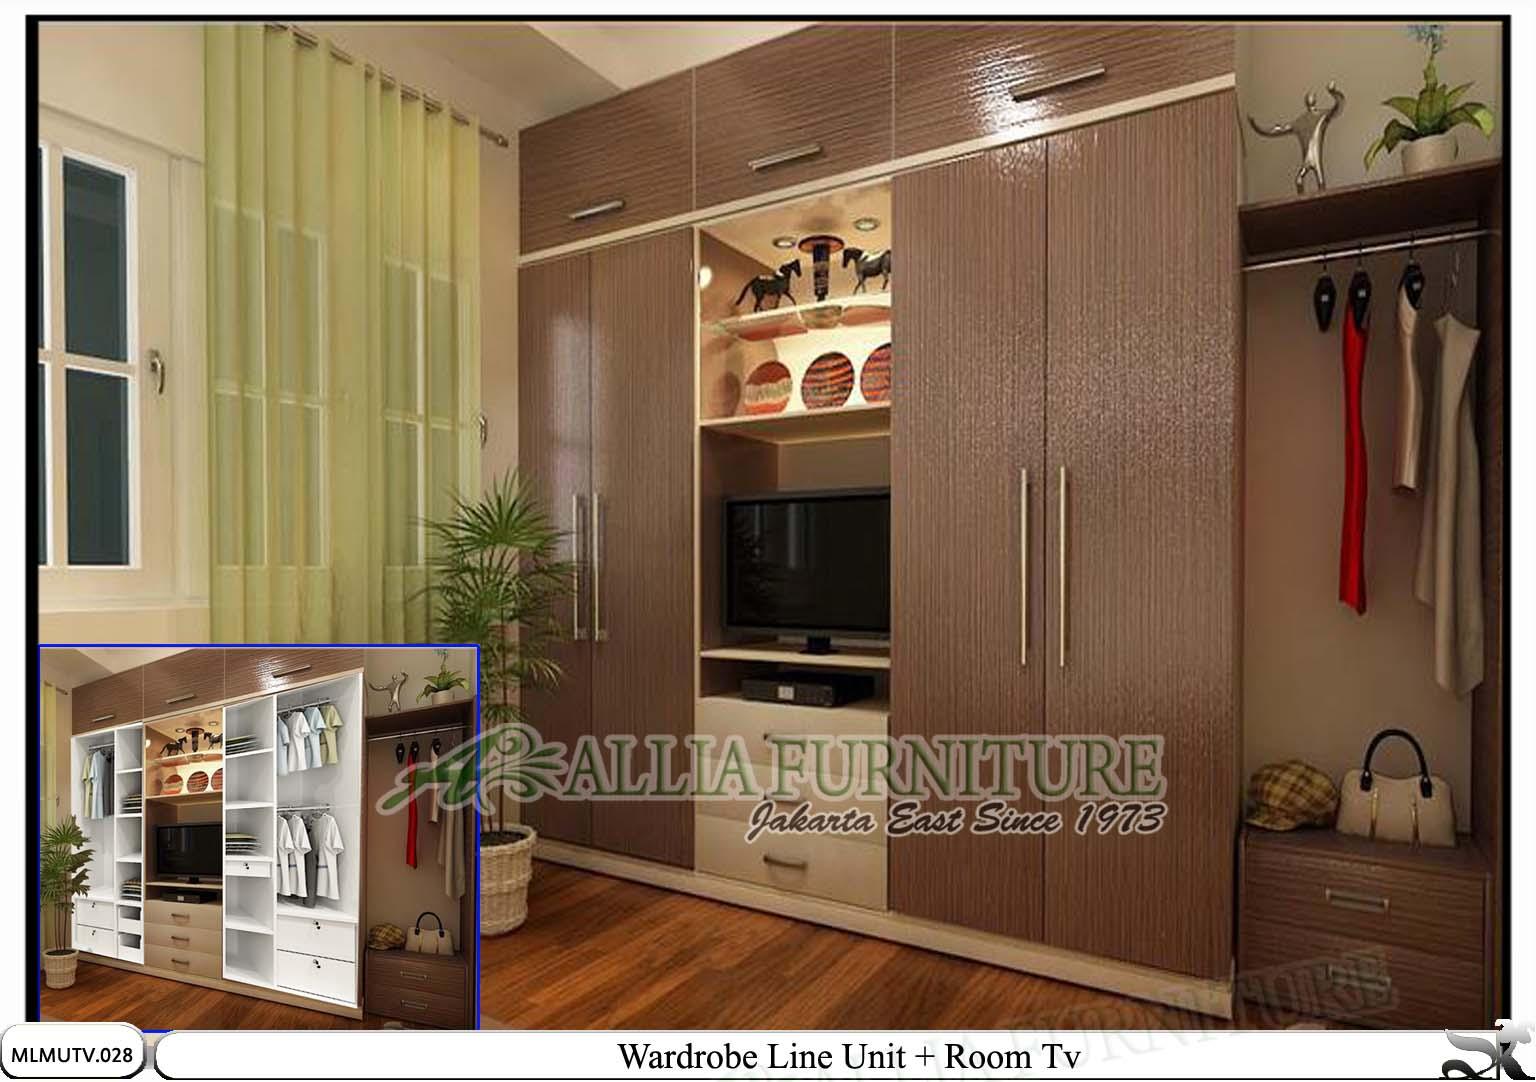 Kombinasi Warna Cat Lemari Interior Rumah Pakaian Medium Motif Baju Minimalis Modern Tv Line Allia Furniture